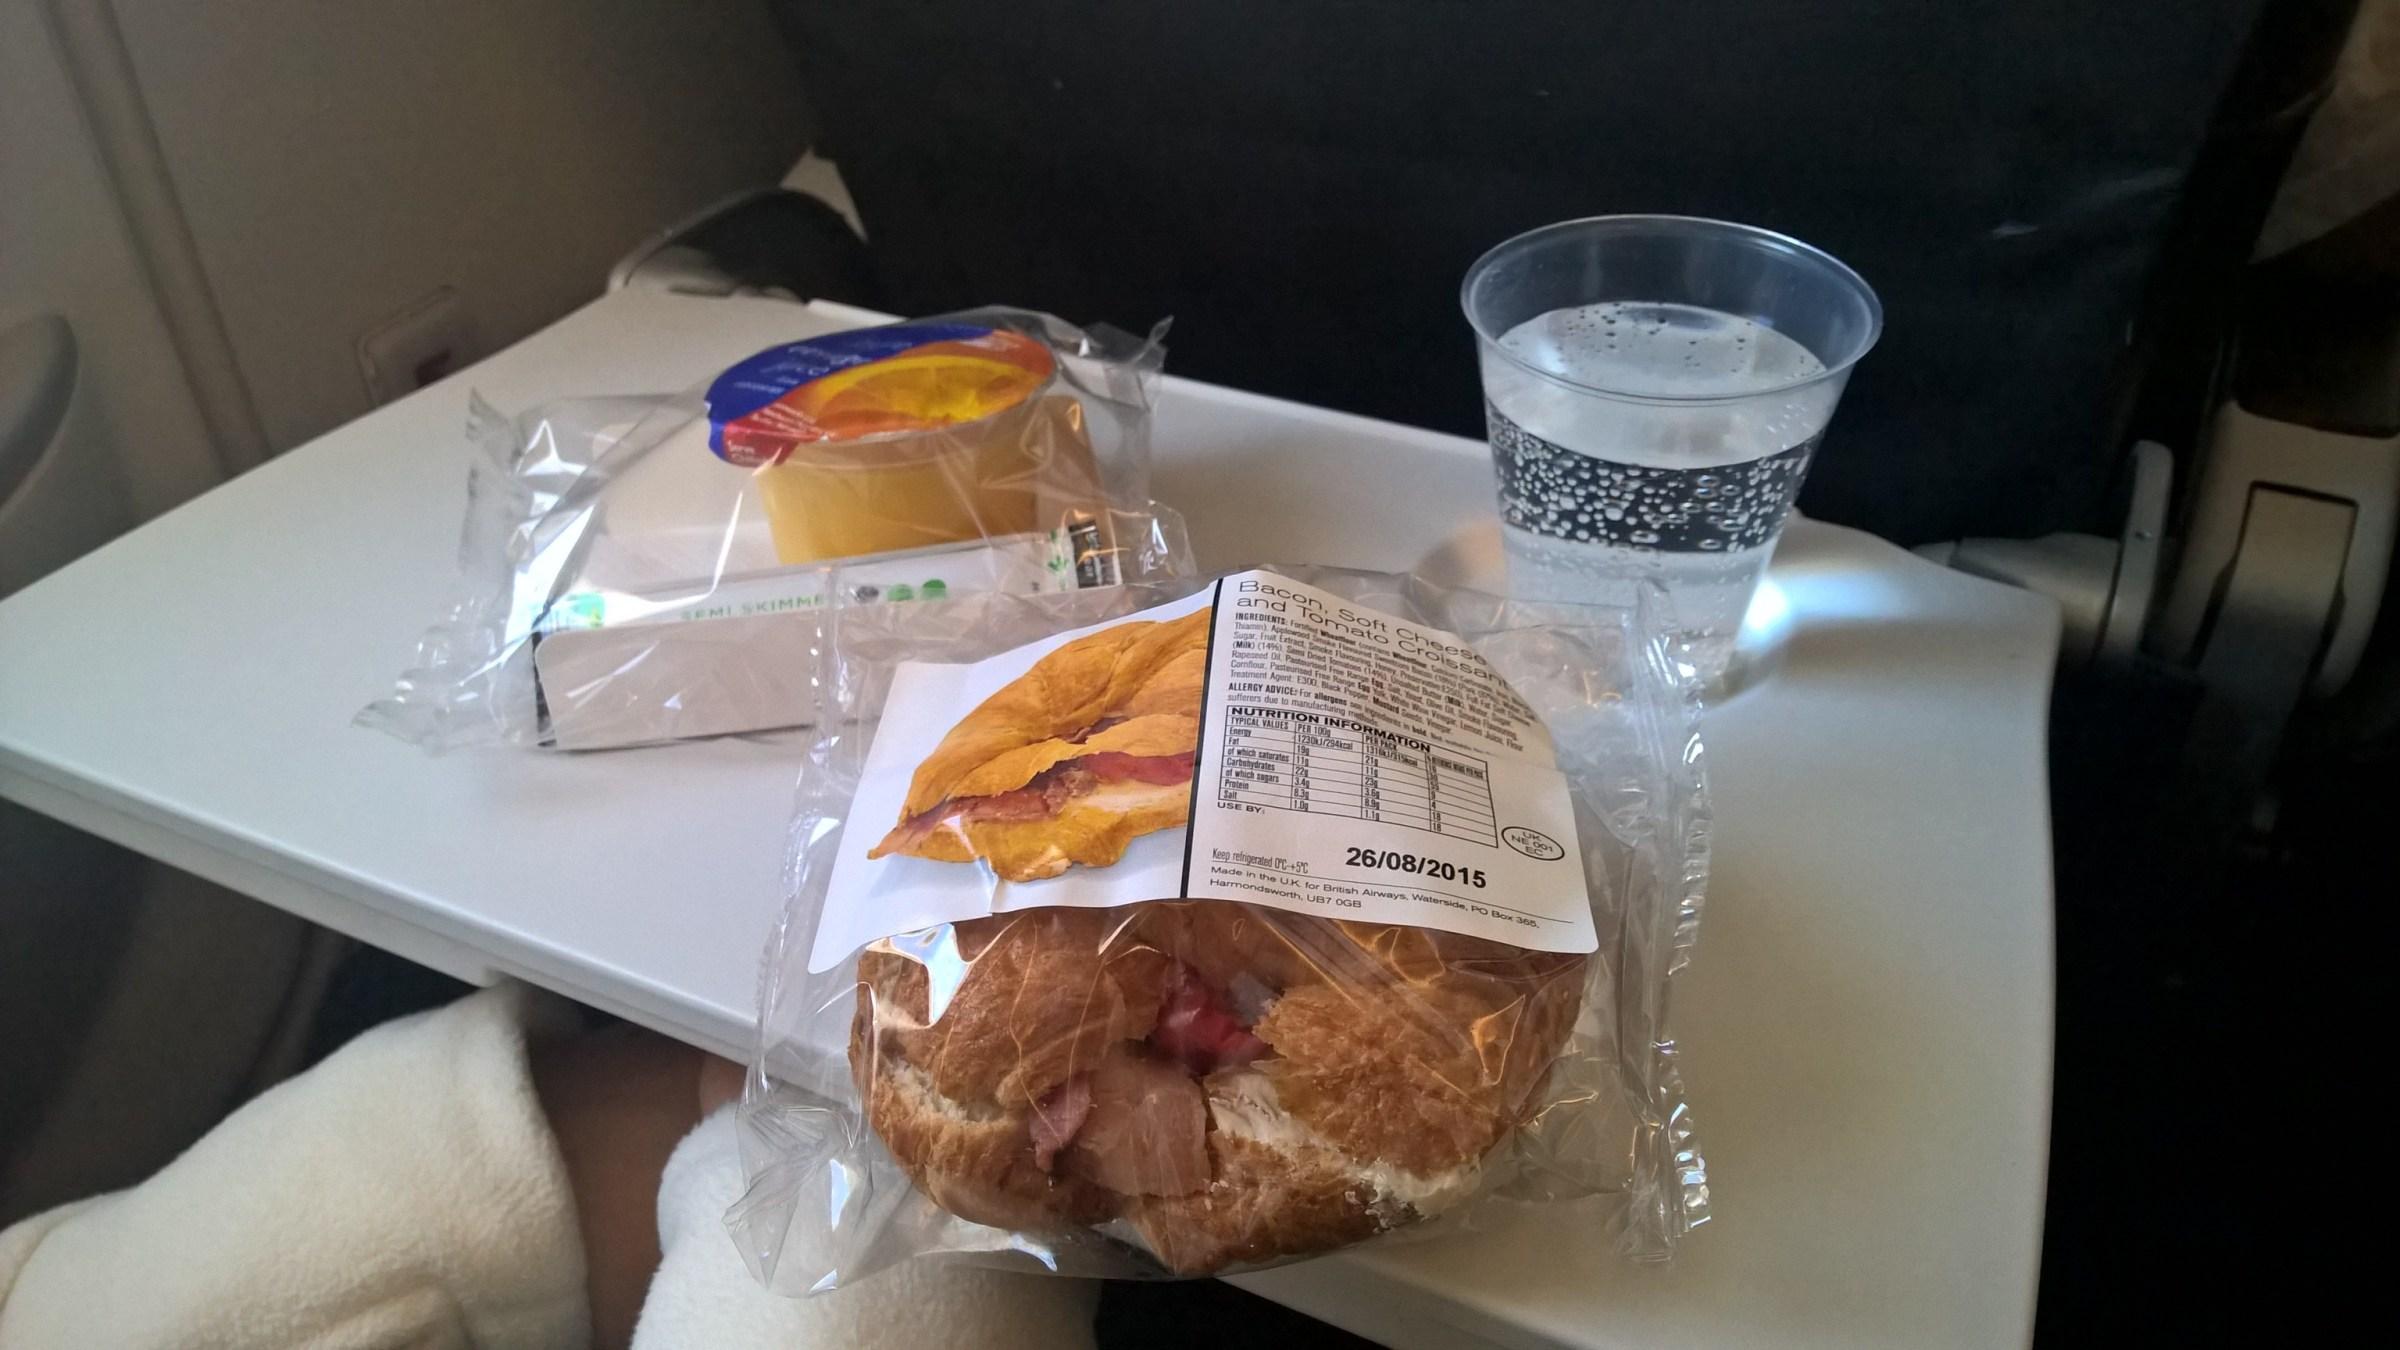 British Airways regional Economy catering